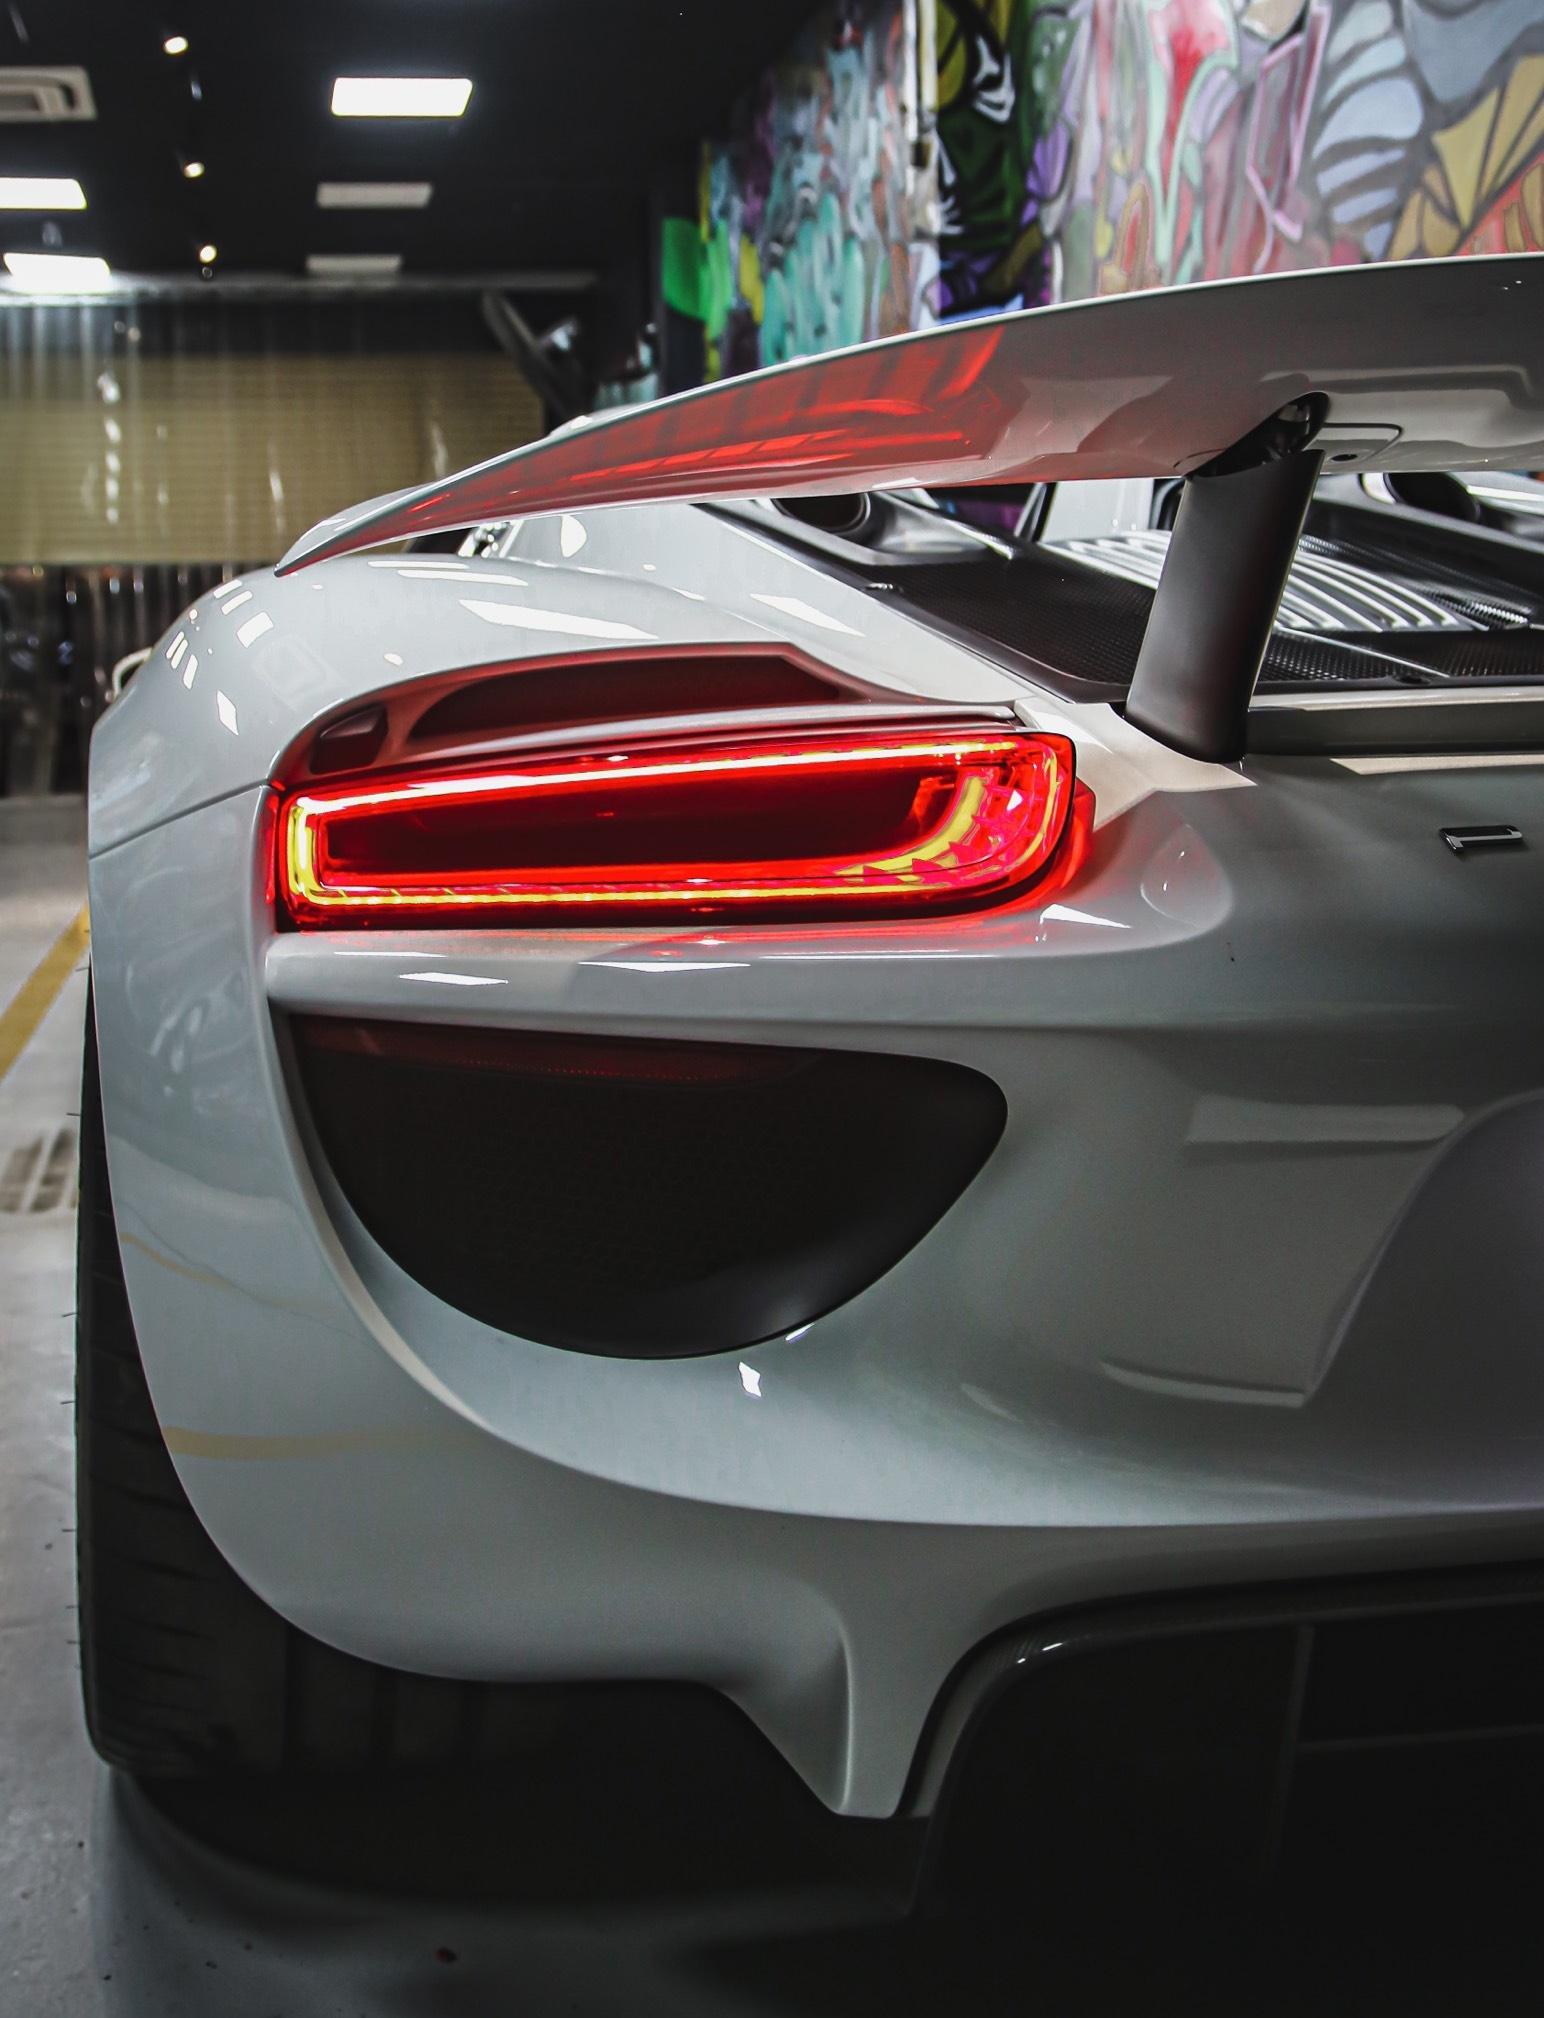 Siêu xe đắt nhất của Porsche về Việt Nam, giá khoảng 60 tỷ đồng - Ảnh 5.